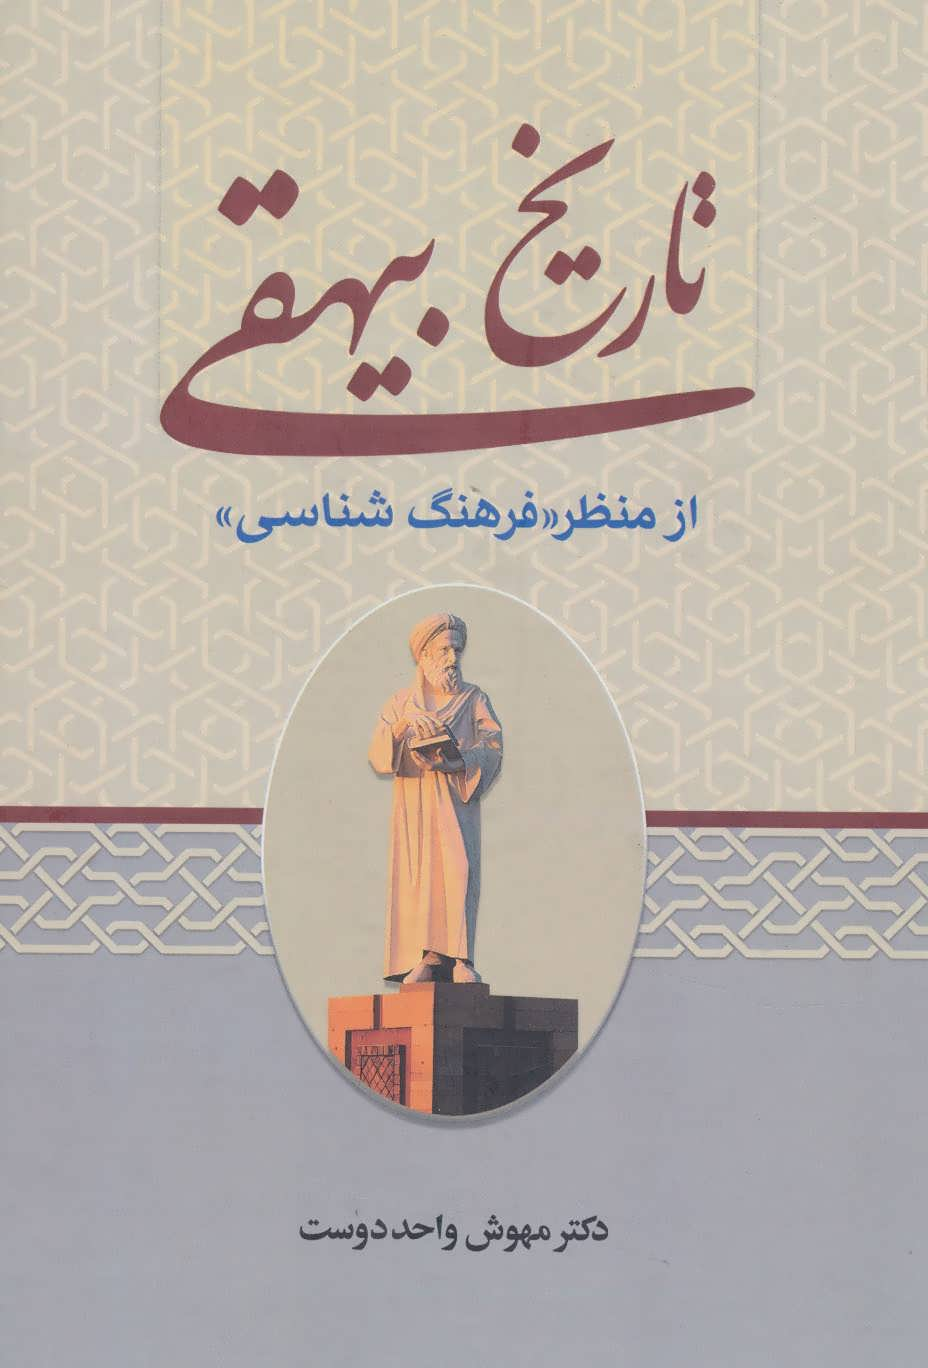 کتاب تاریخ بیهقی از منظر «فرهنگشناسی»